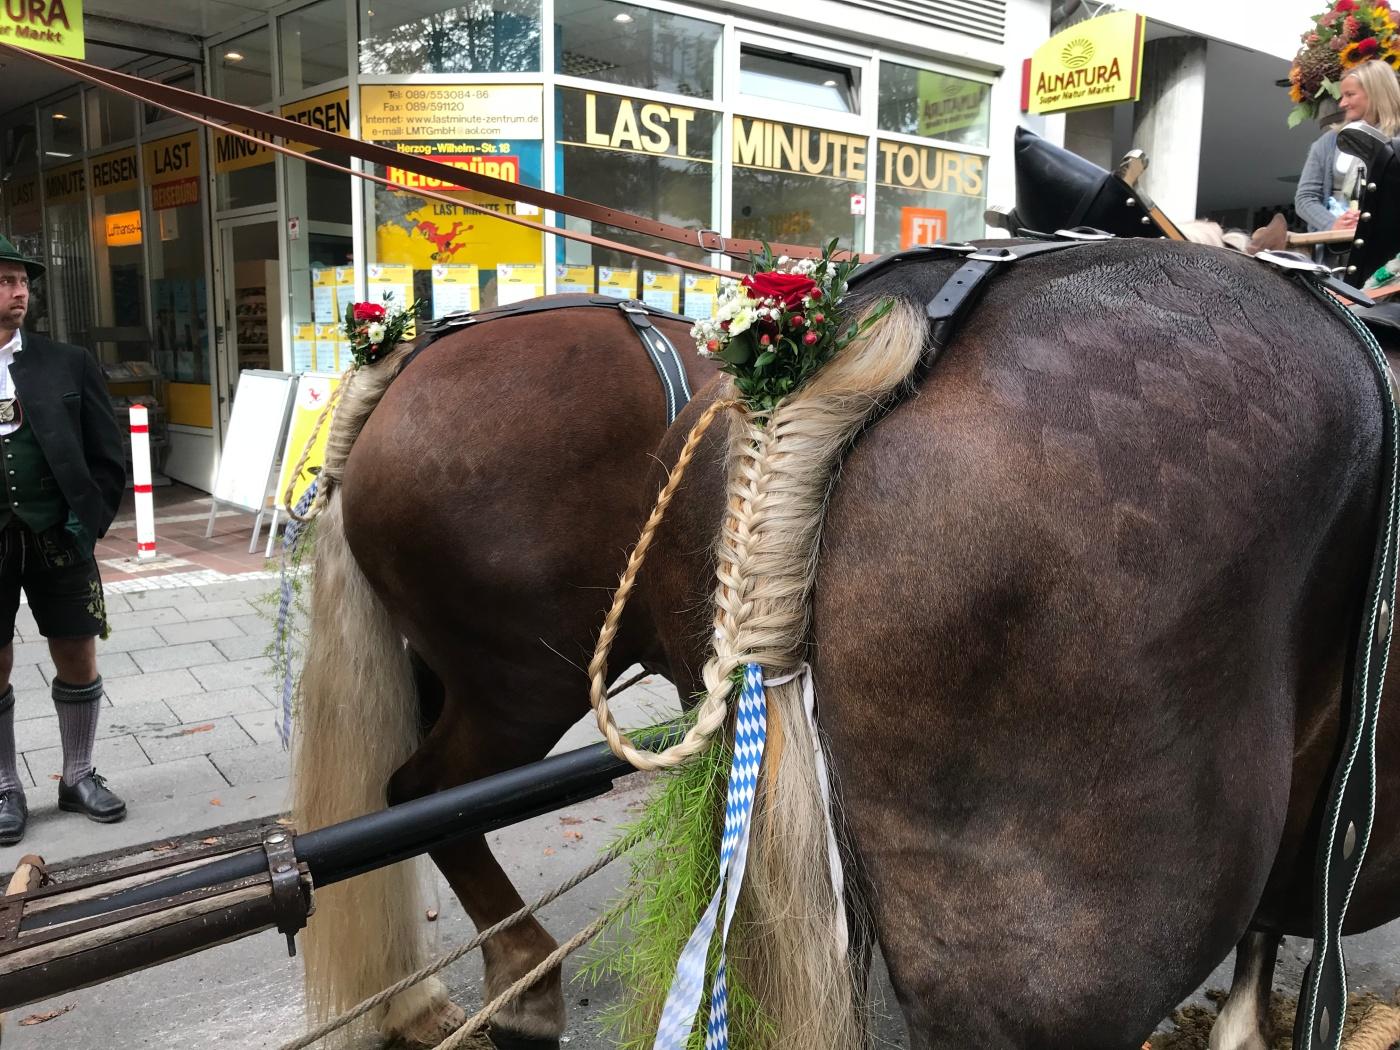 Einzug der Wiesenwirte - Oktoberfest 2018 - Fancy Braided Horse Tails - Wahlmuenchnerin